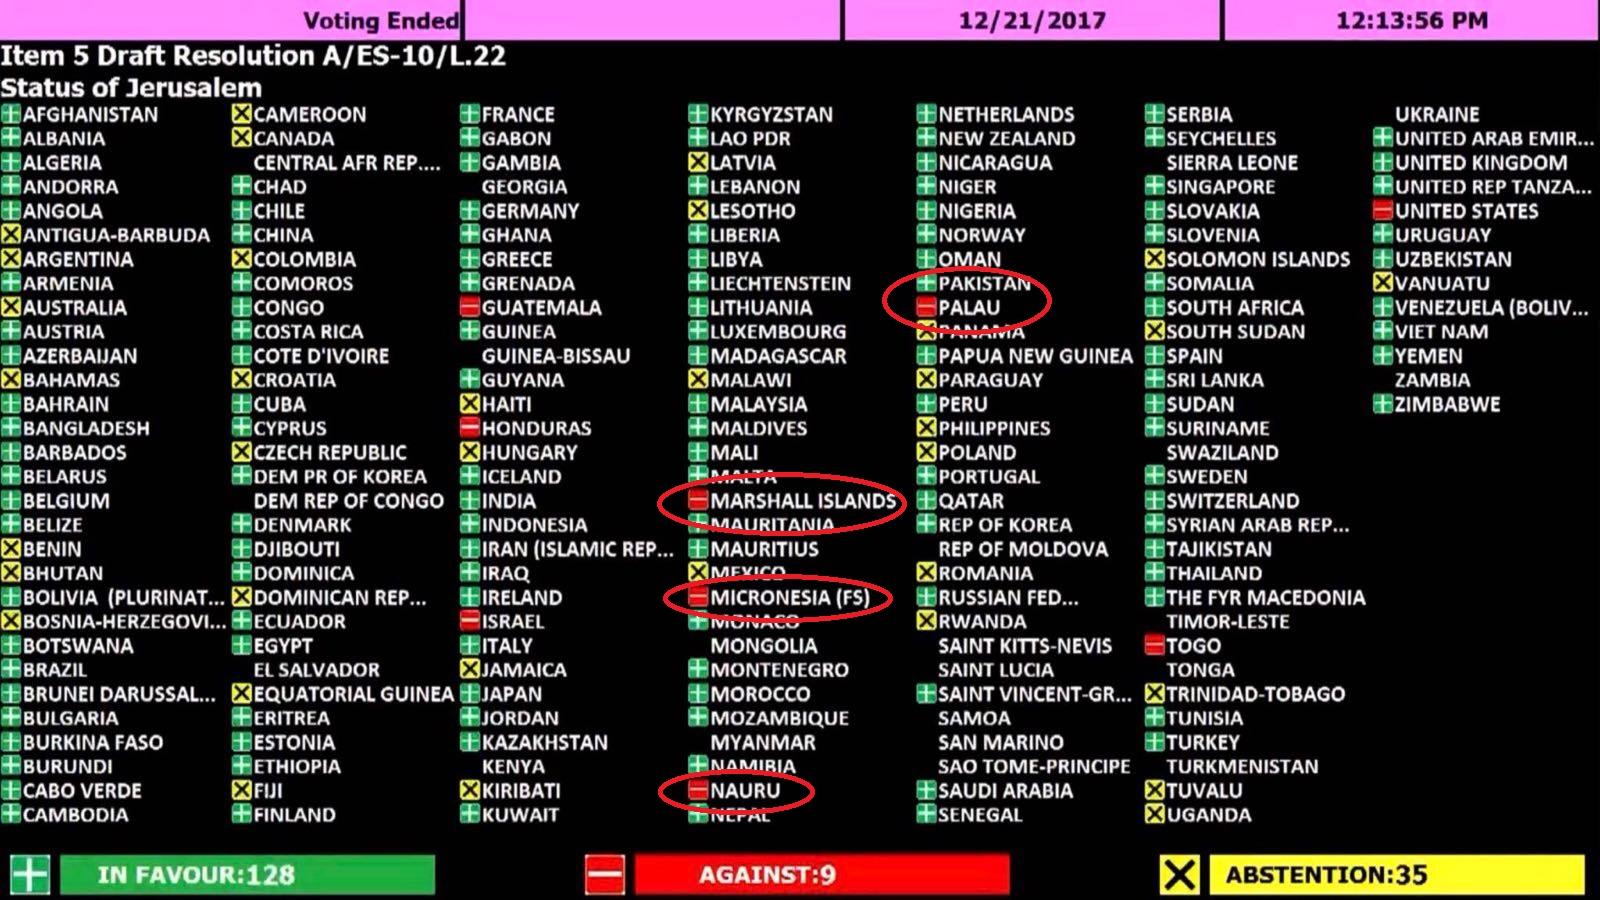 لوحة التصويت لصالح القدس الشريف فى الأمم المتحدة